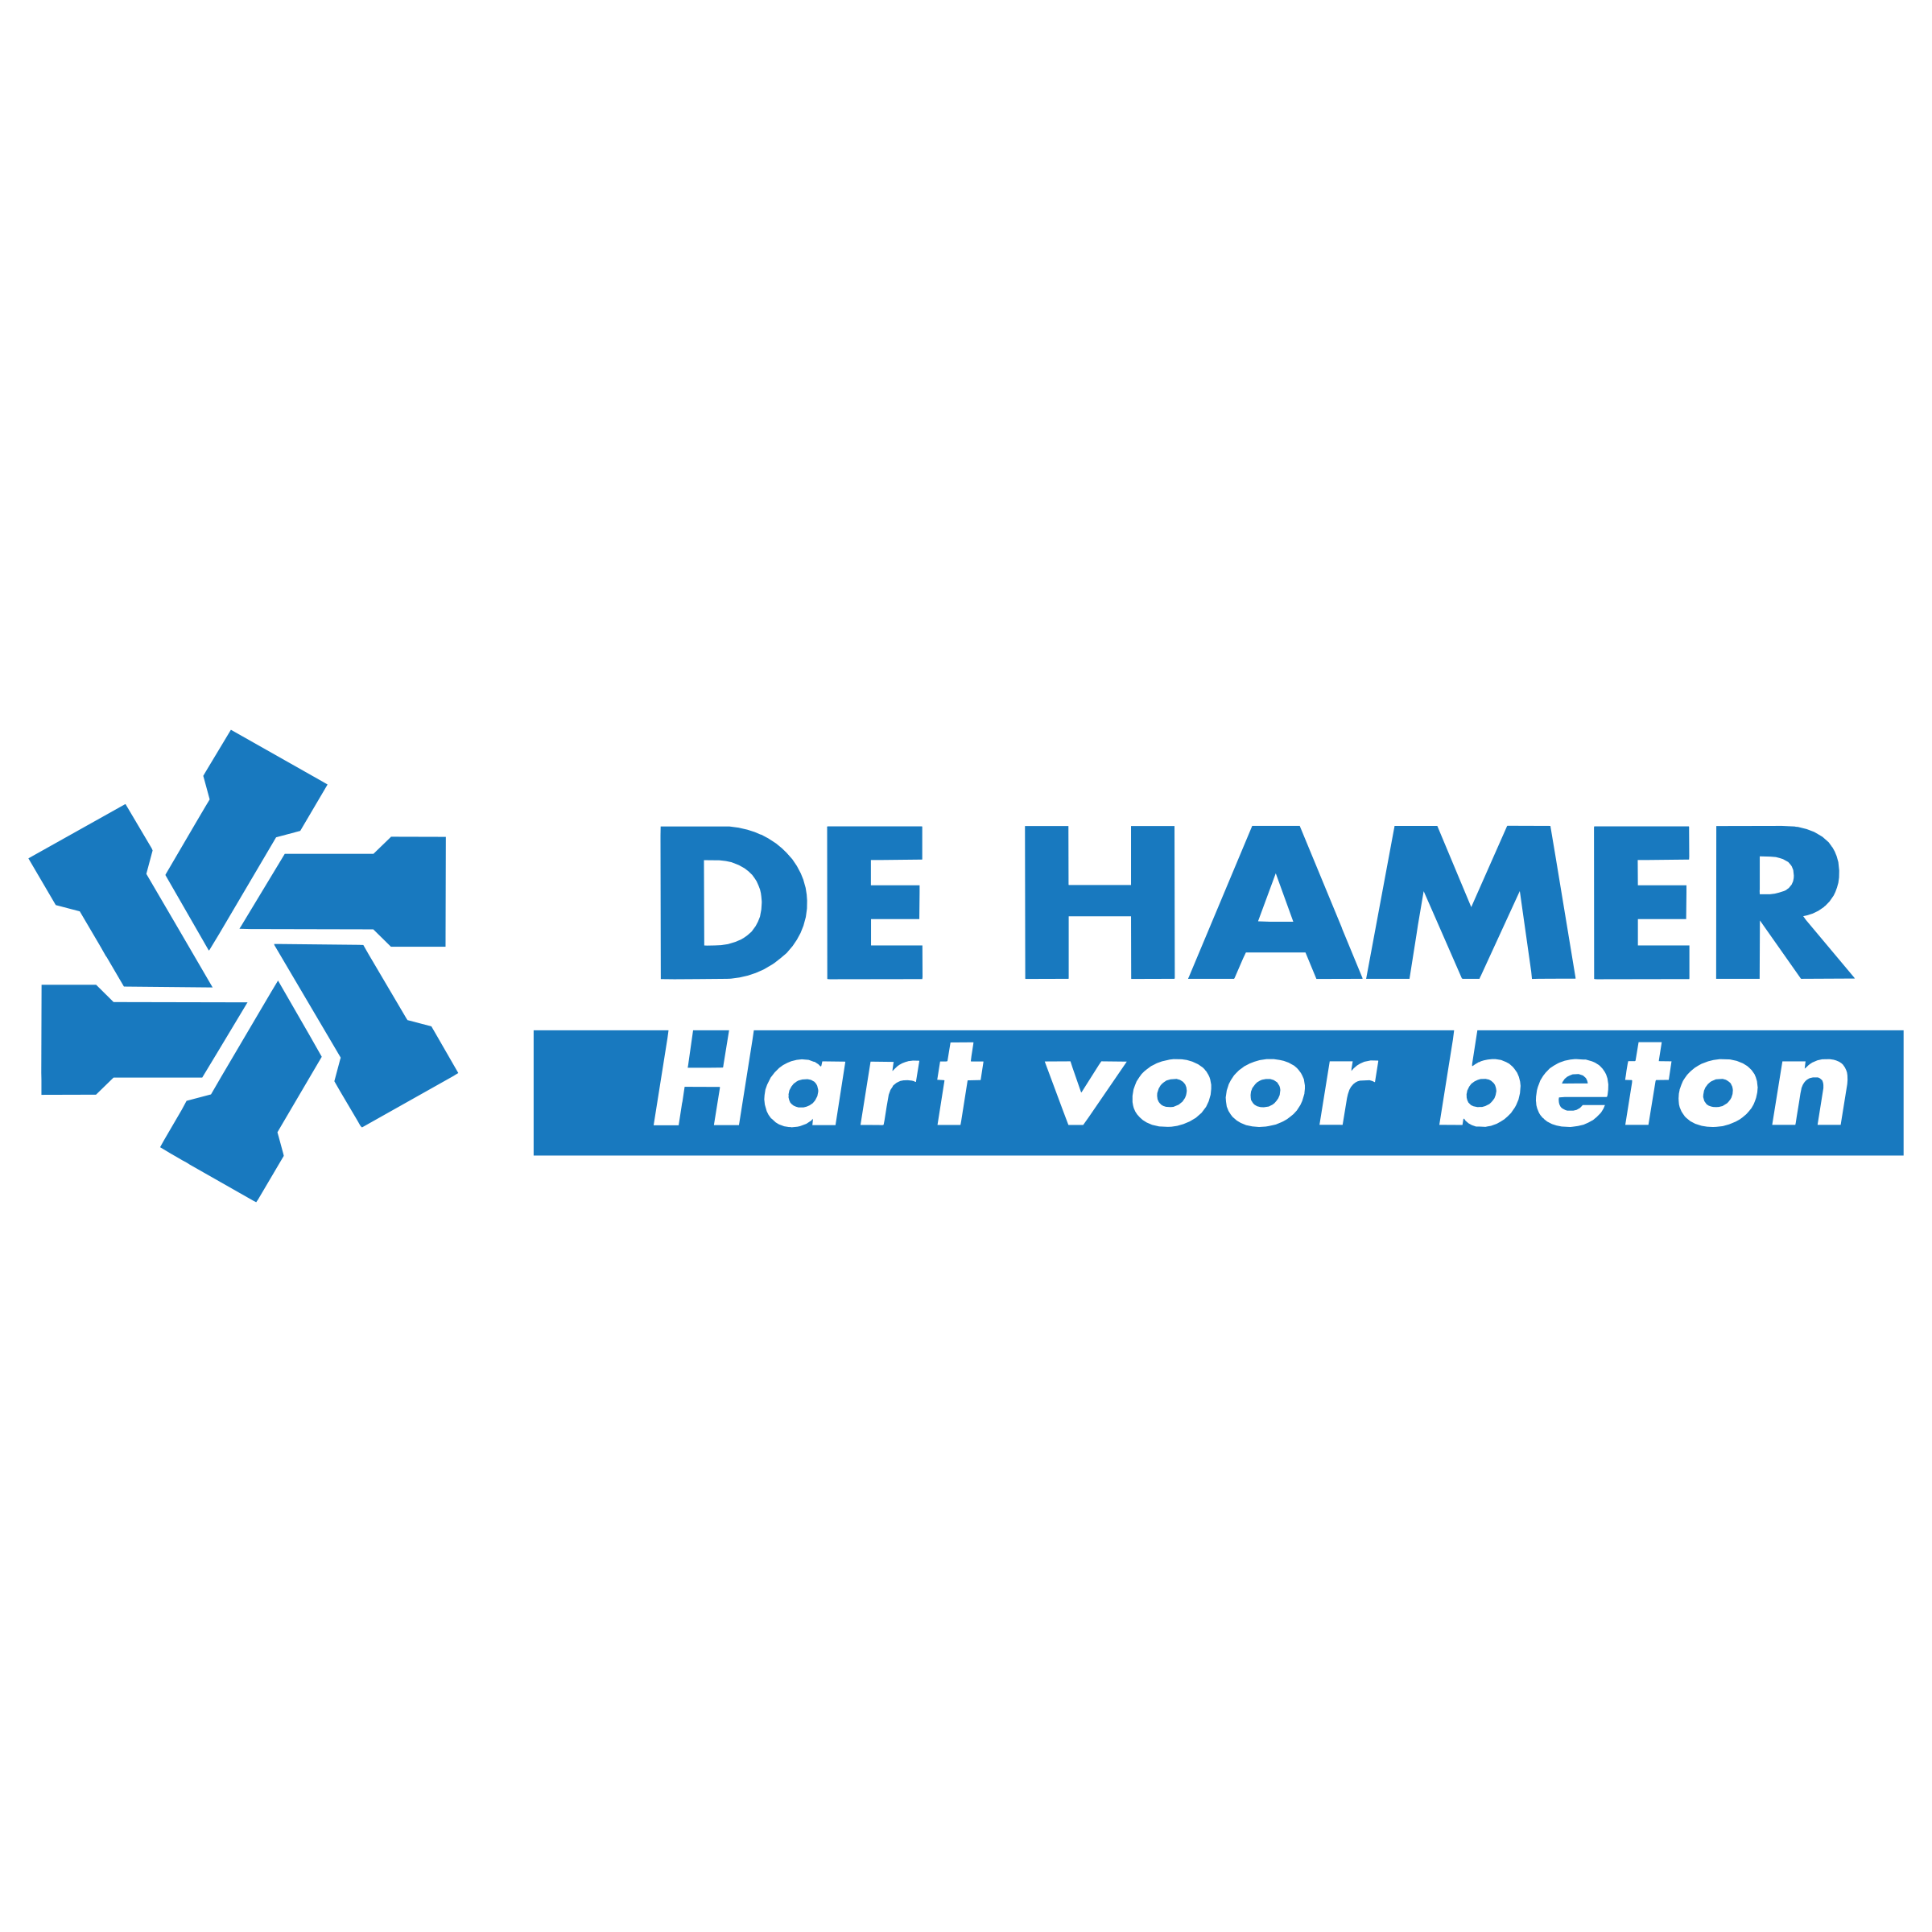 De Hamer Logo PNG Transparent & SVG Vector - Freebie Supply